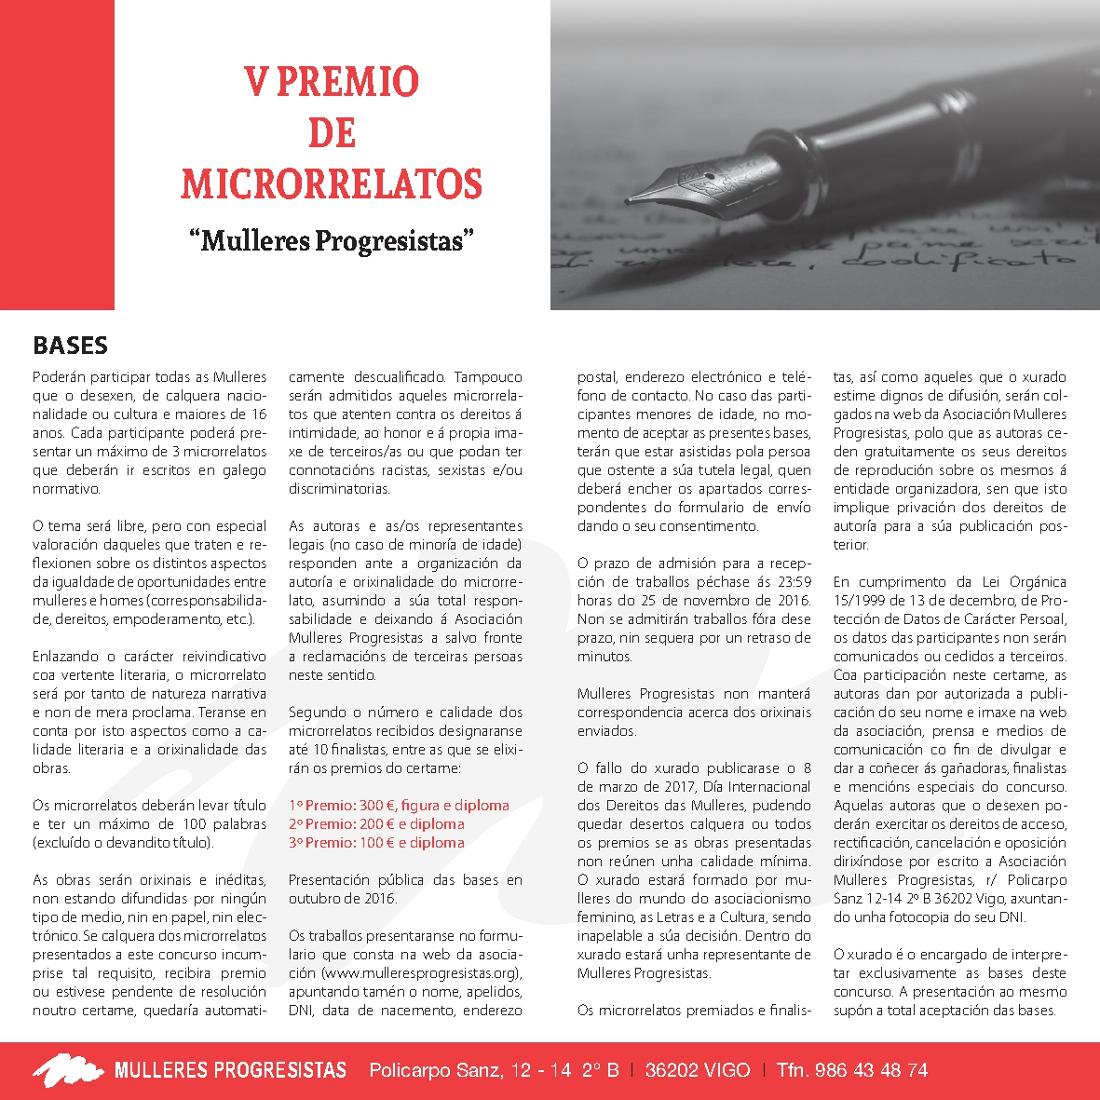 v-premio-de-microrrelatos-mulleres-progresistas-2016-2